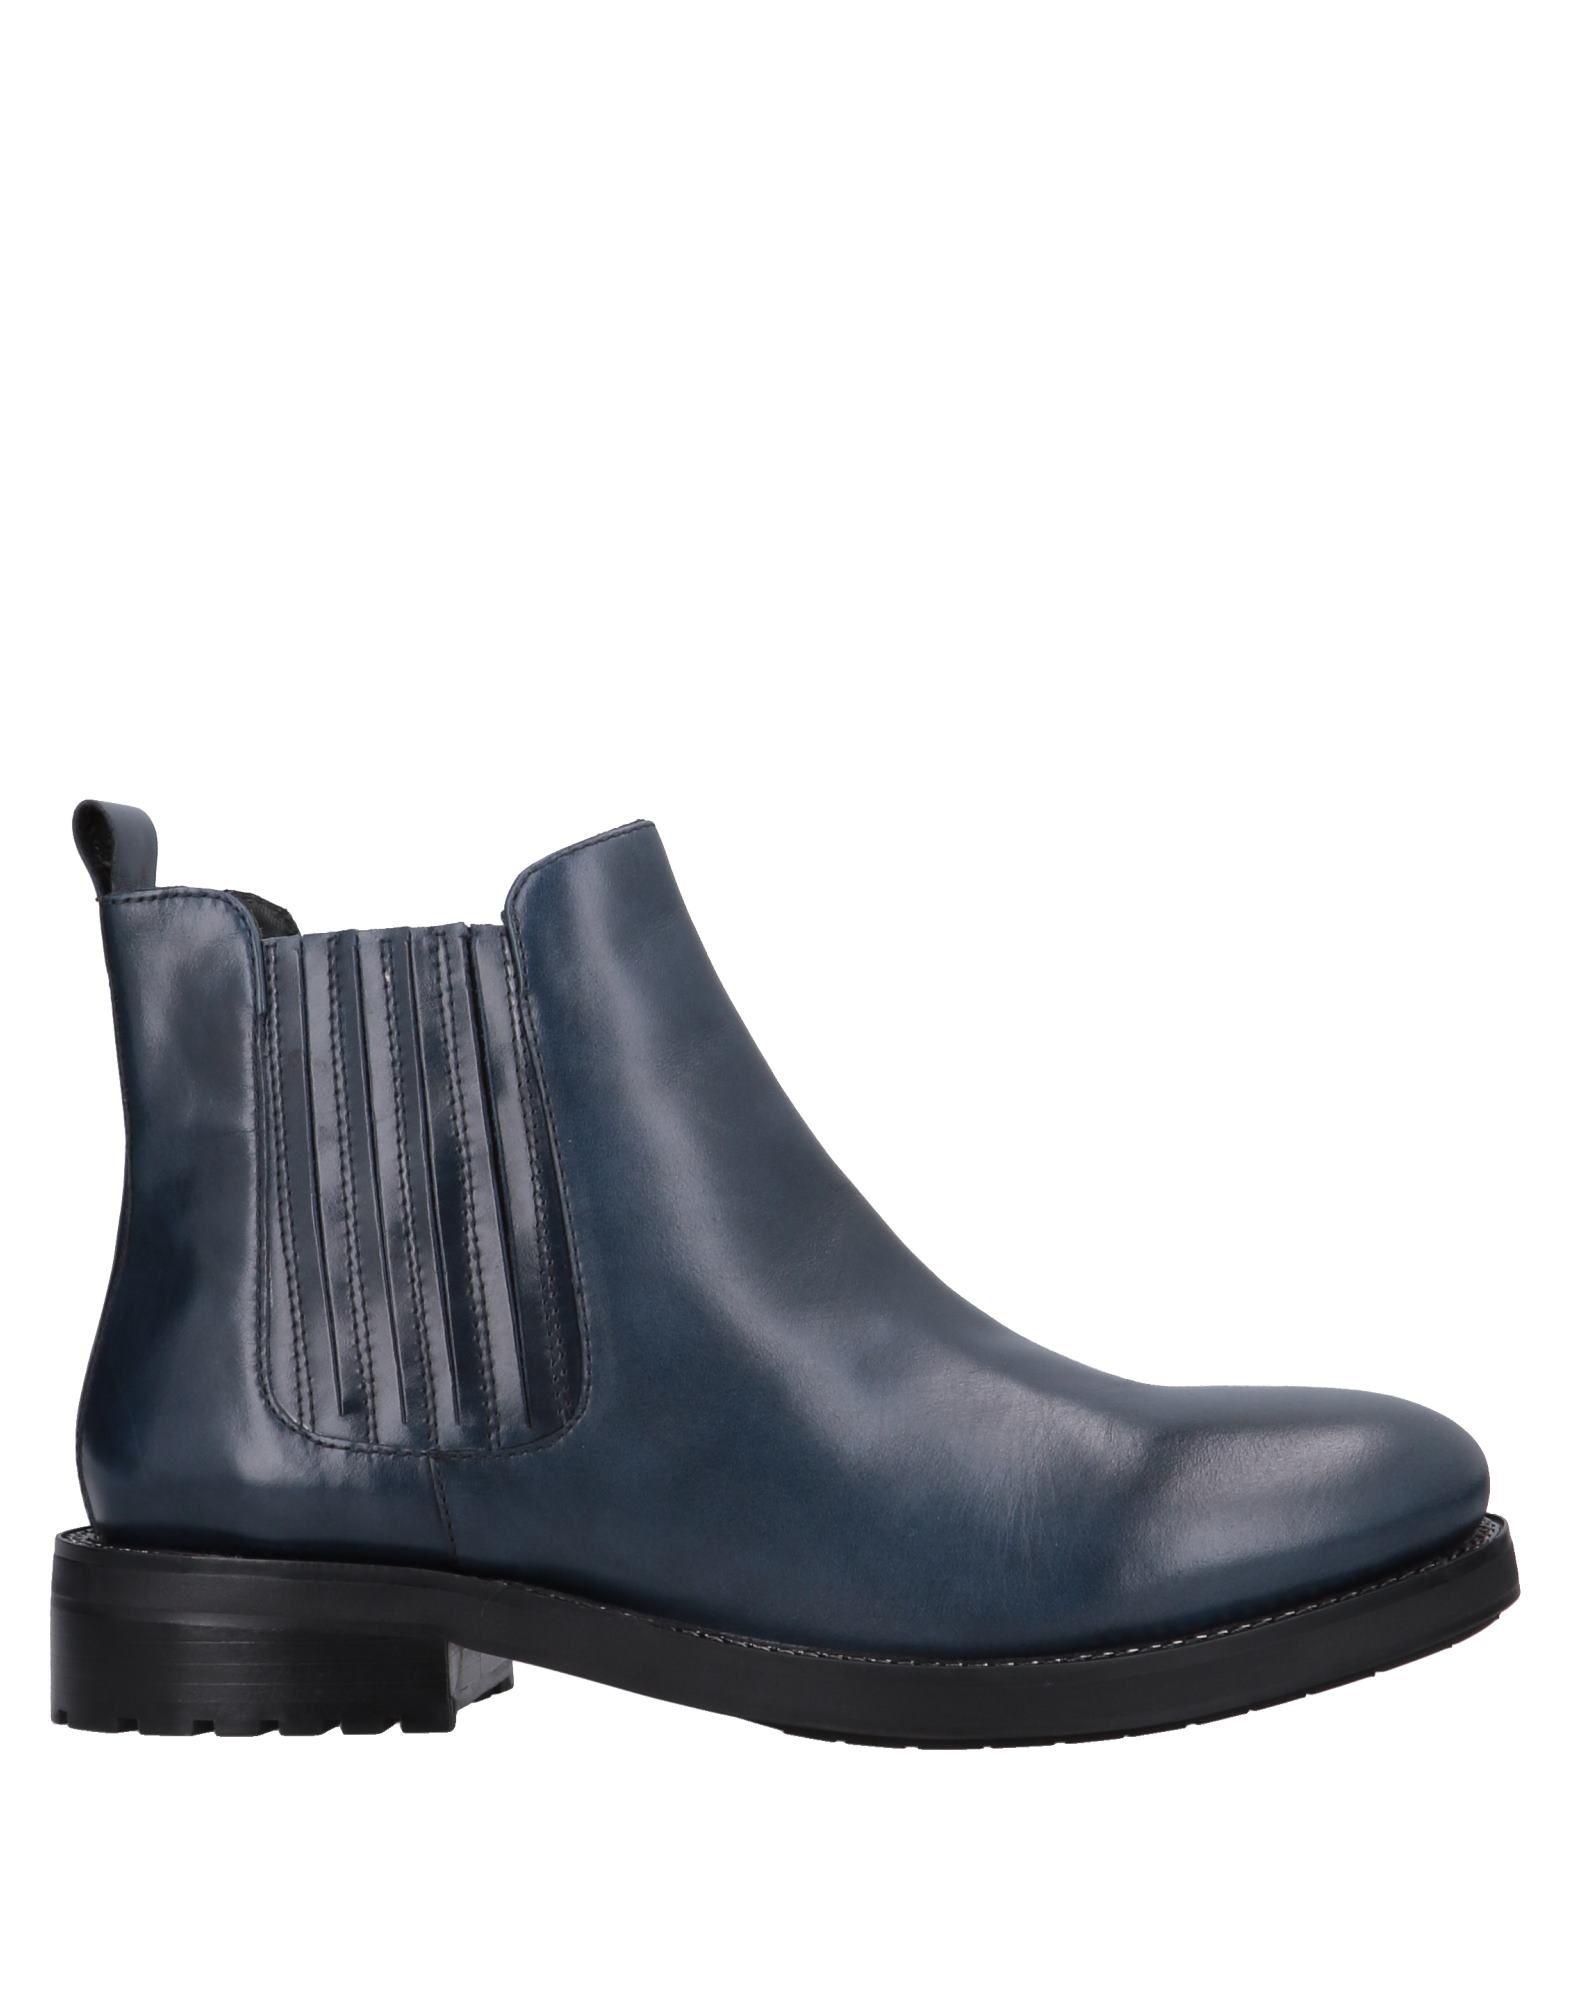 Elvio Zanon Chelsea Boots Damen  11549884DW Gute Qualität beliebte Schuhe